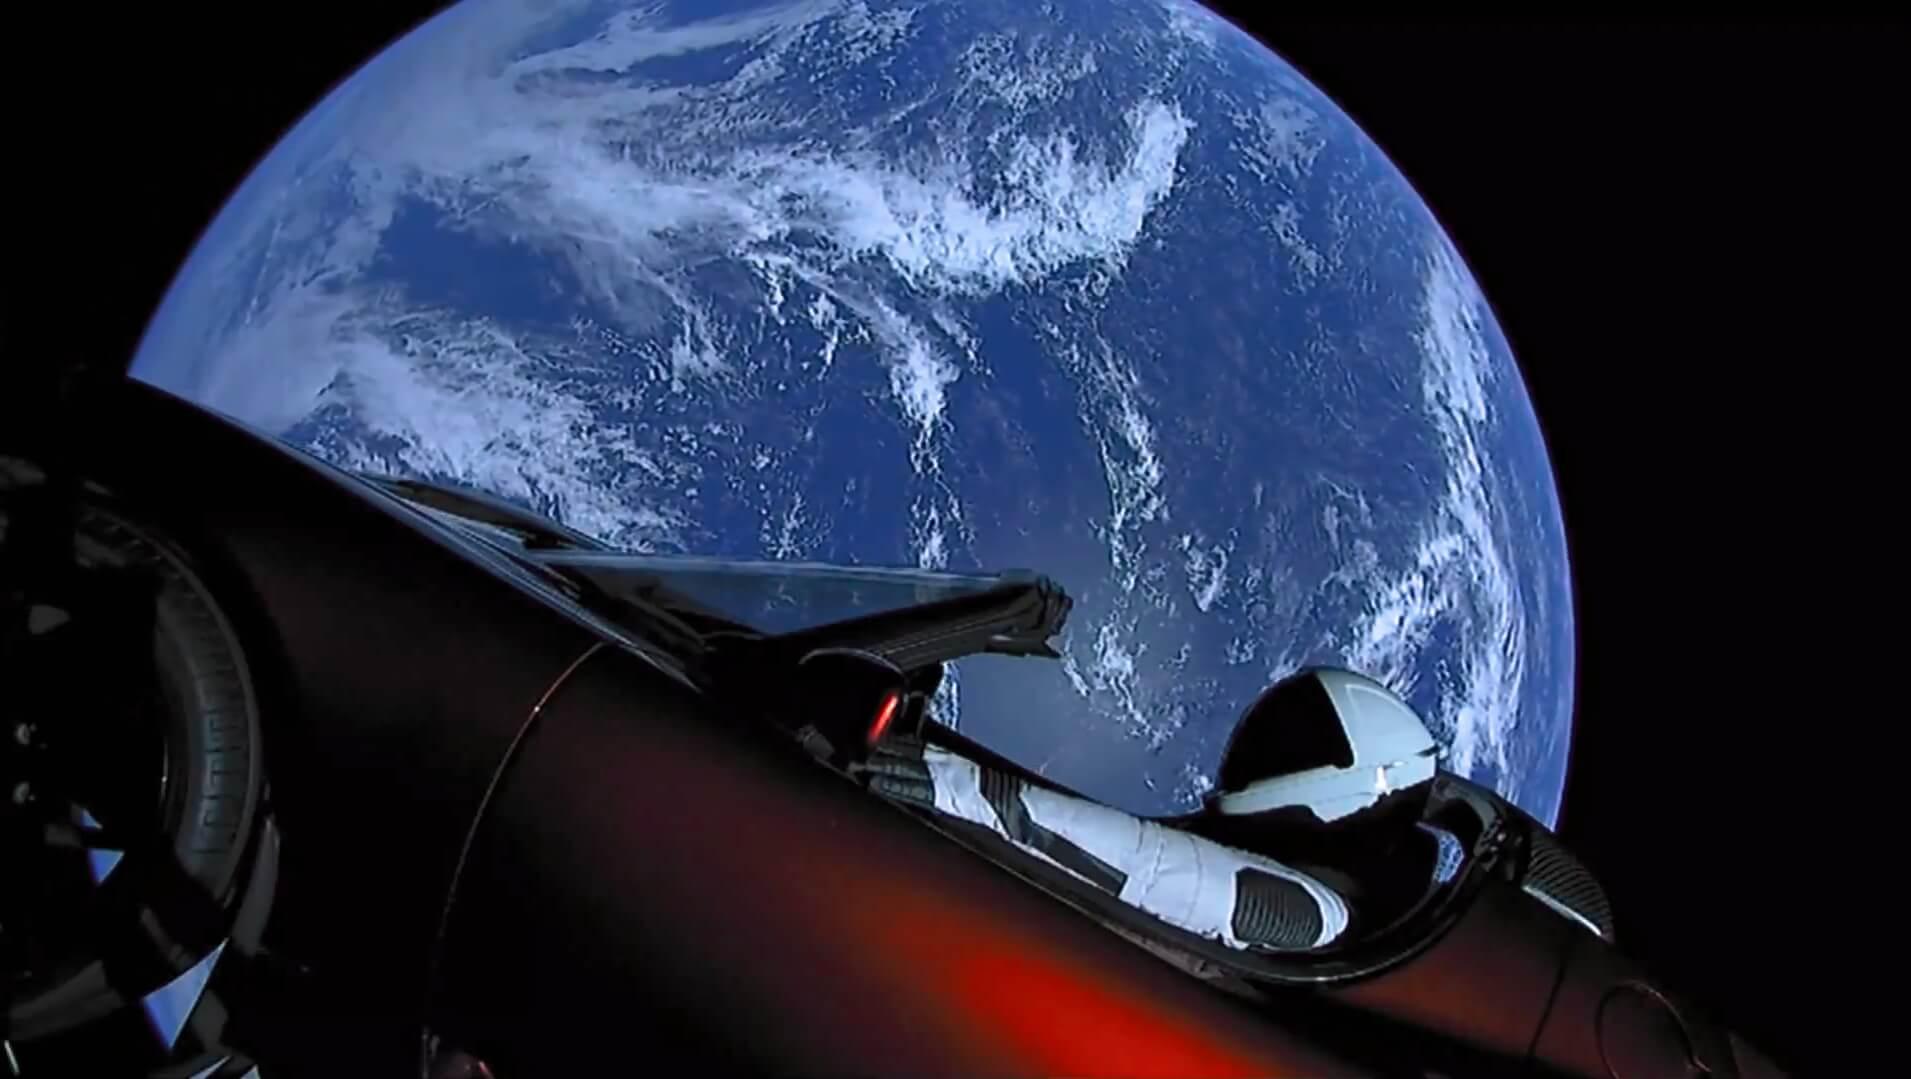 Электрокар Tesla Roadster с манекеном в скафандре на водительском сиденье в космосе